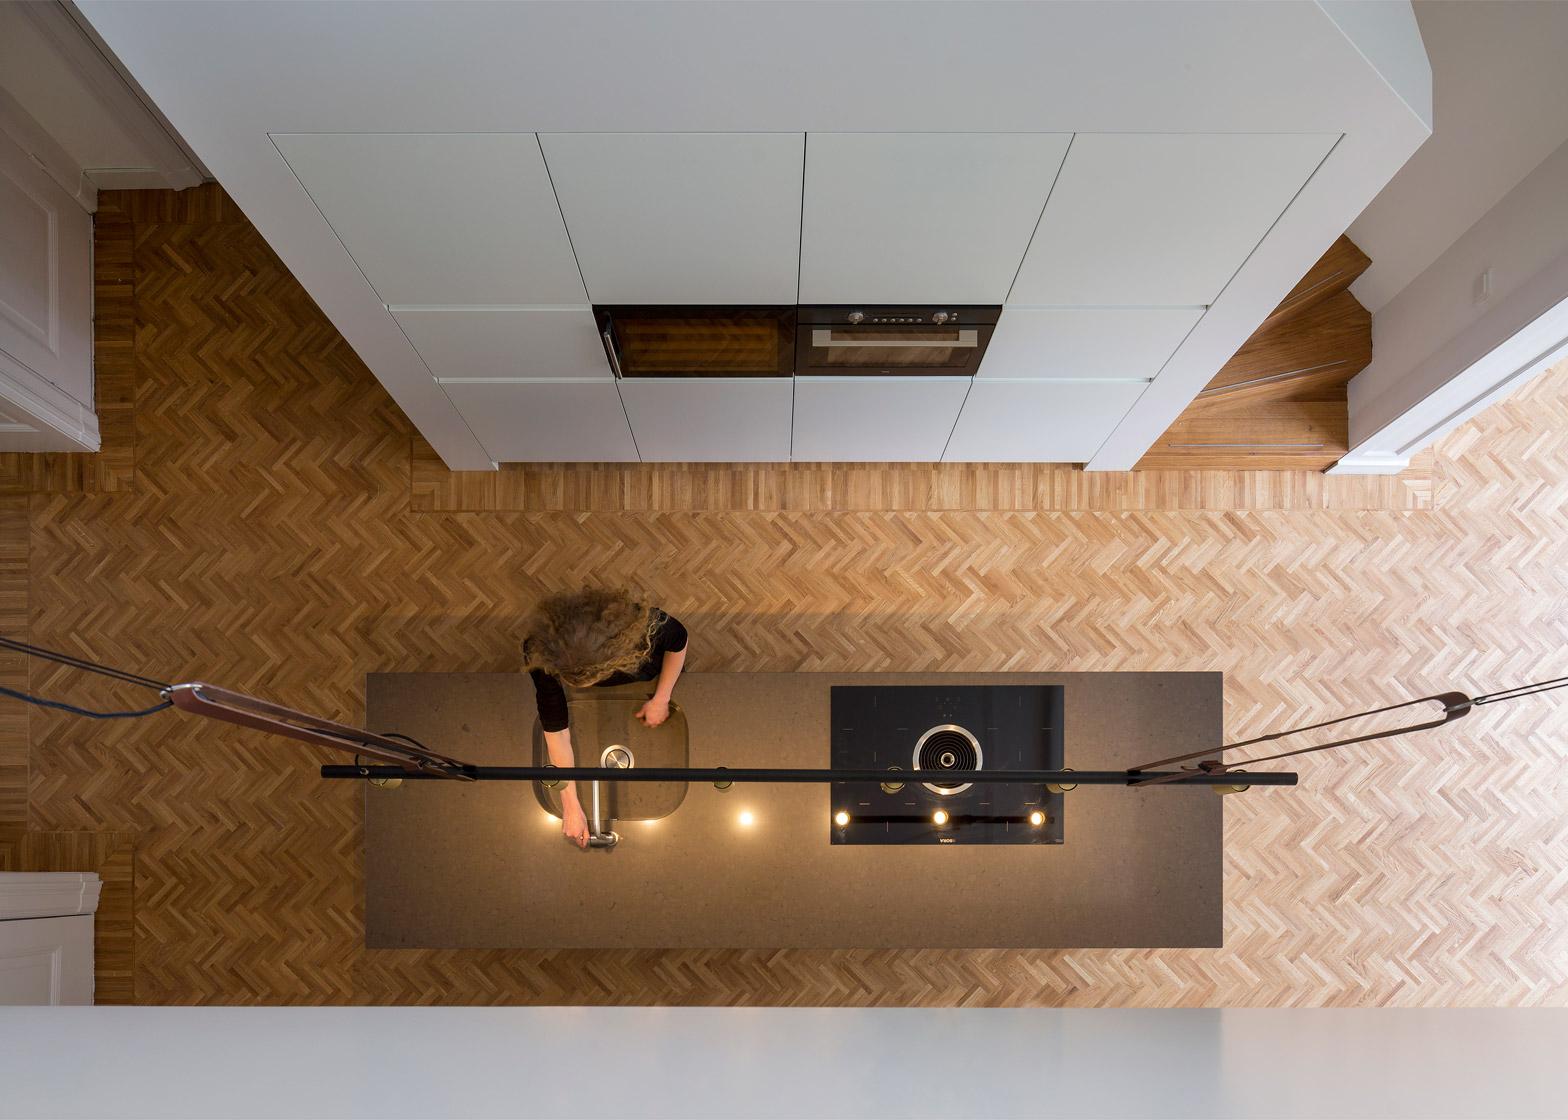 Casa con parquet a spina di pesce in olanda by antonia reif arc art blog by daniele drigo - Casa con parquet ...